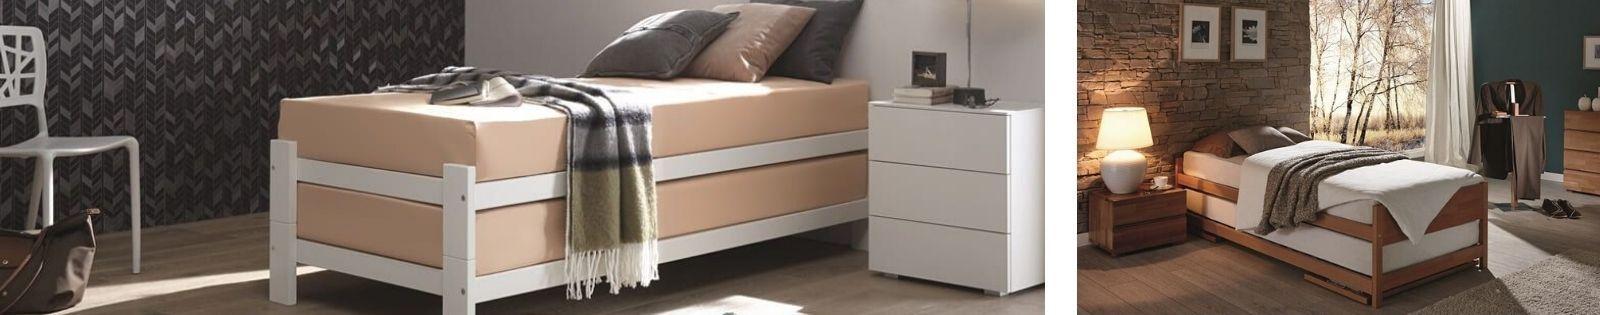 Lits gigogne : meubles haut de gamme de qualité. Le Monde du Lit